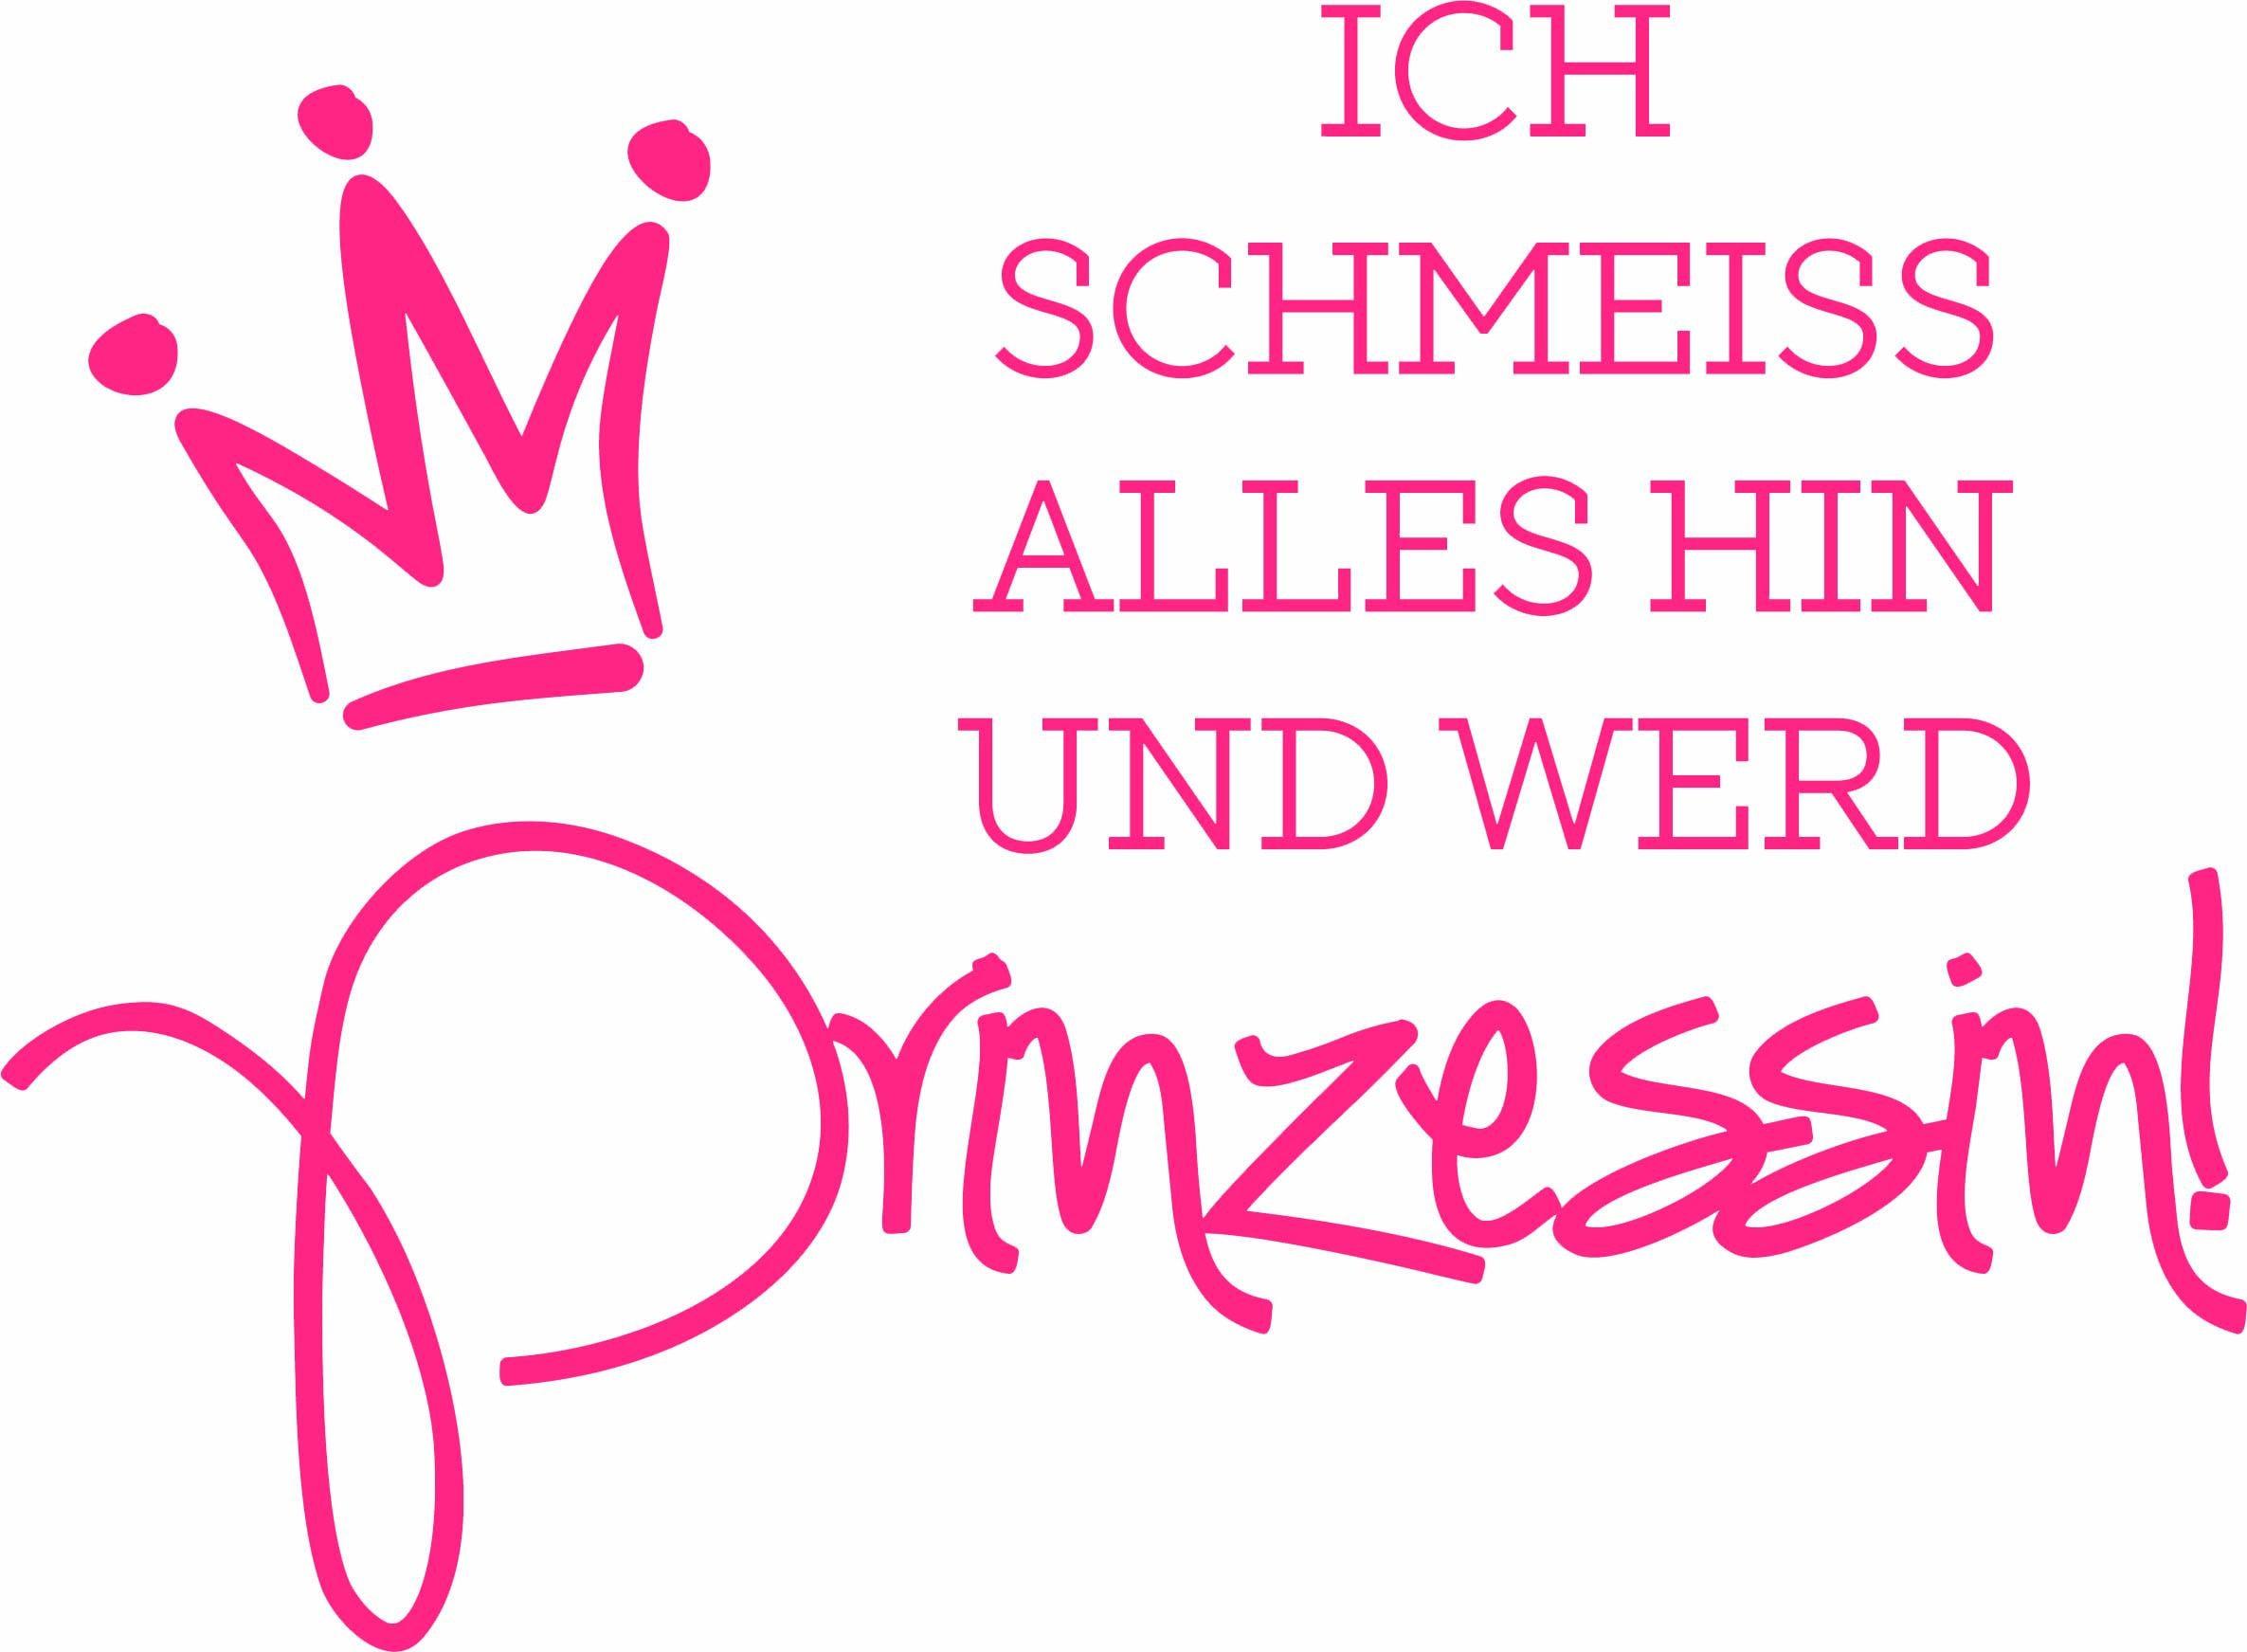 Wandtattoo Wohnen/Accessoires & Leuchten/Wohnaccessoires/Wandtattoos und Wandsticker/Wandtattoos Sprüche